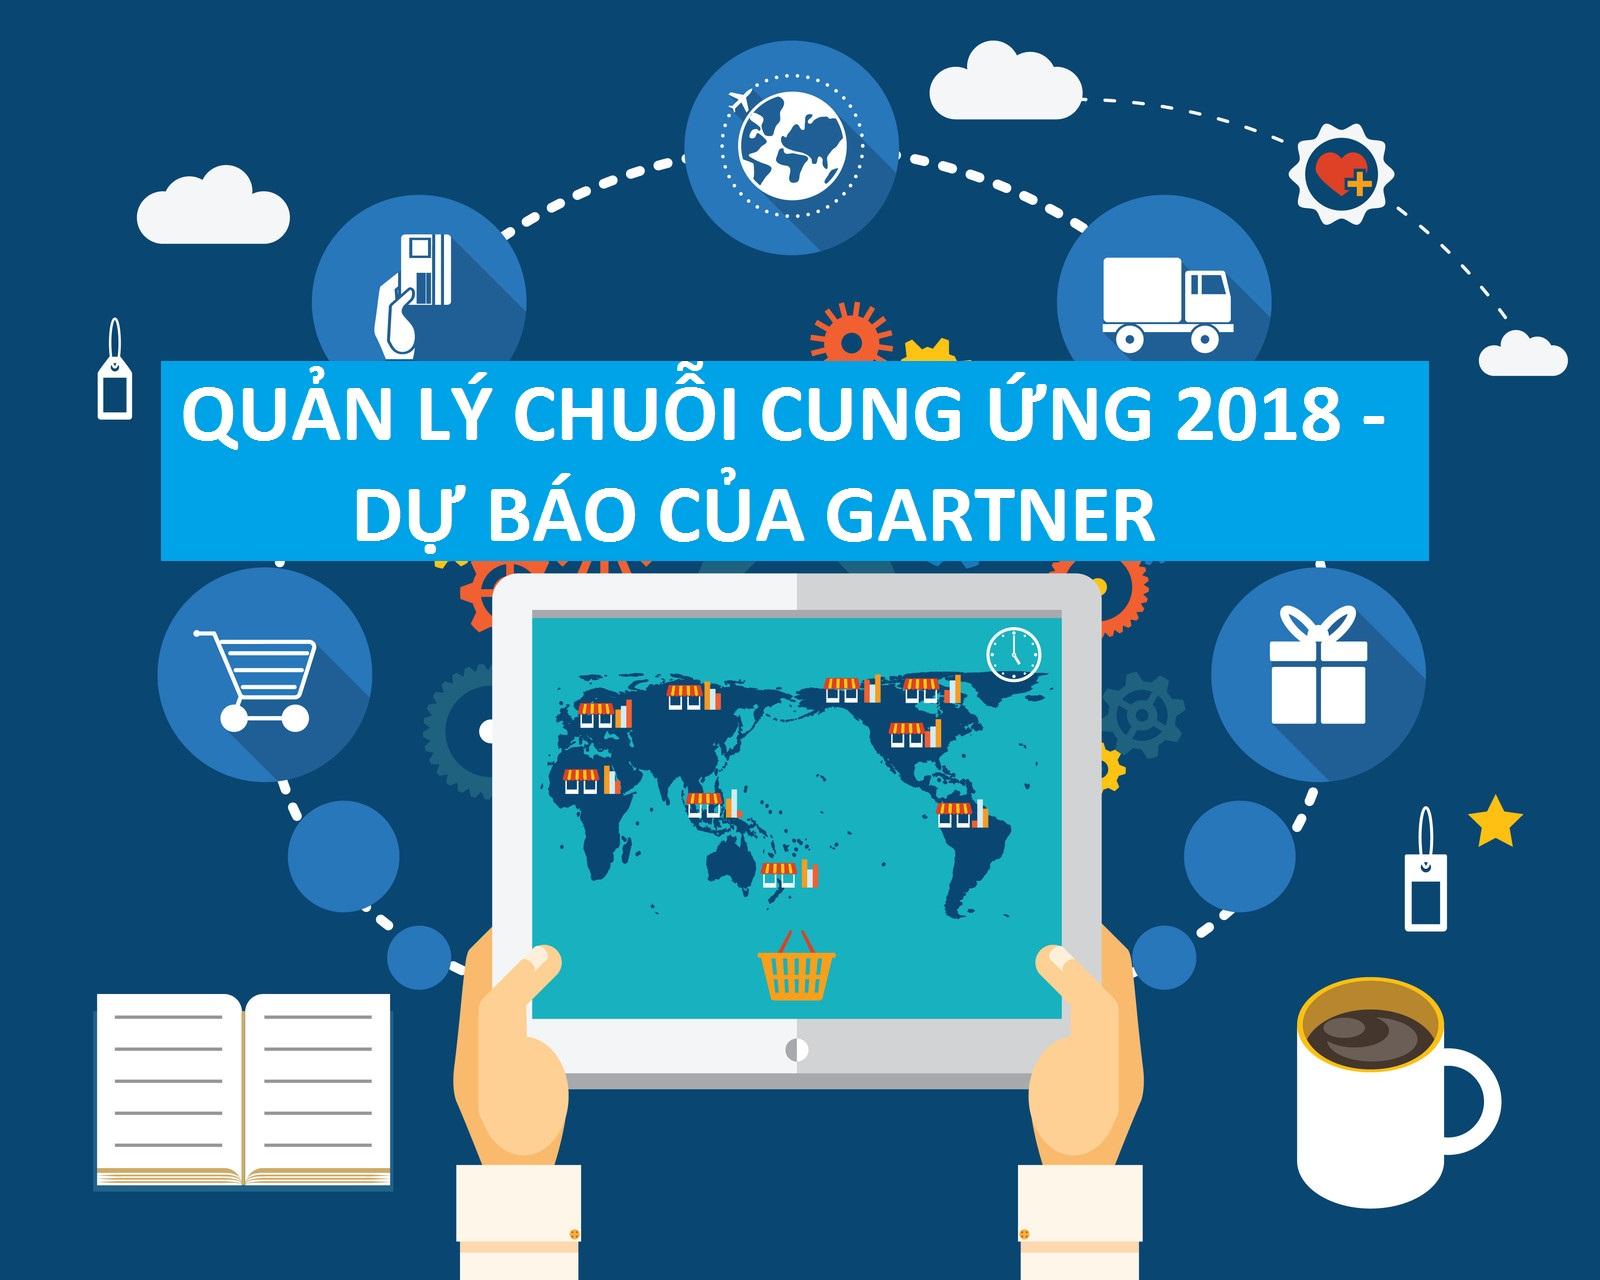 Quản lý chuỗi cung ứng năm 2018 – Công nghệ đột phá